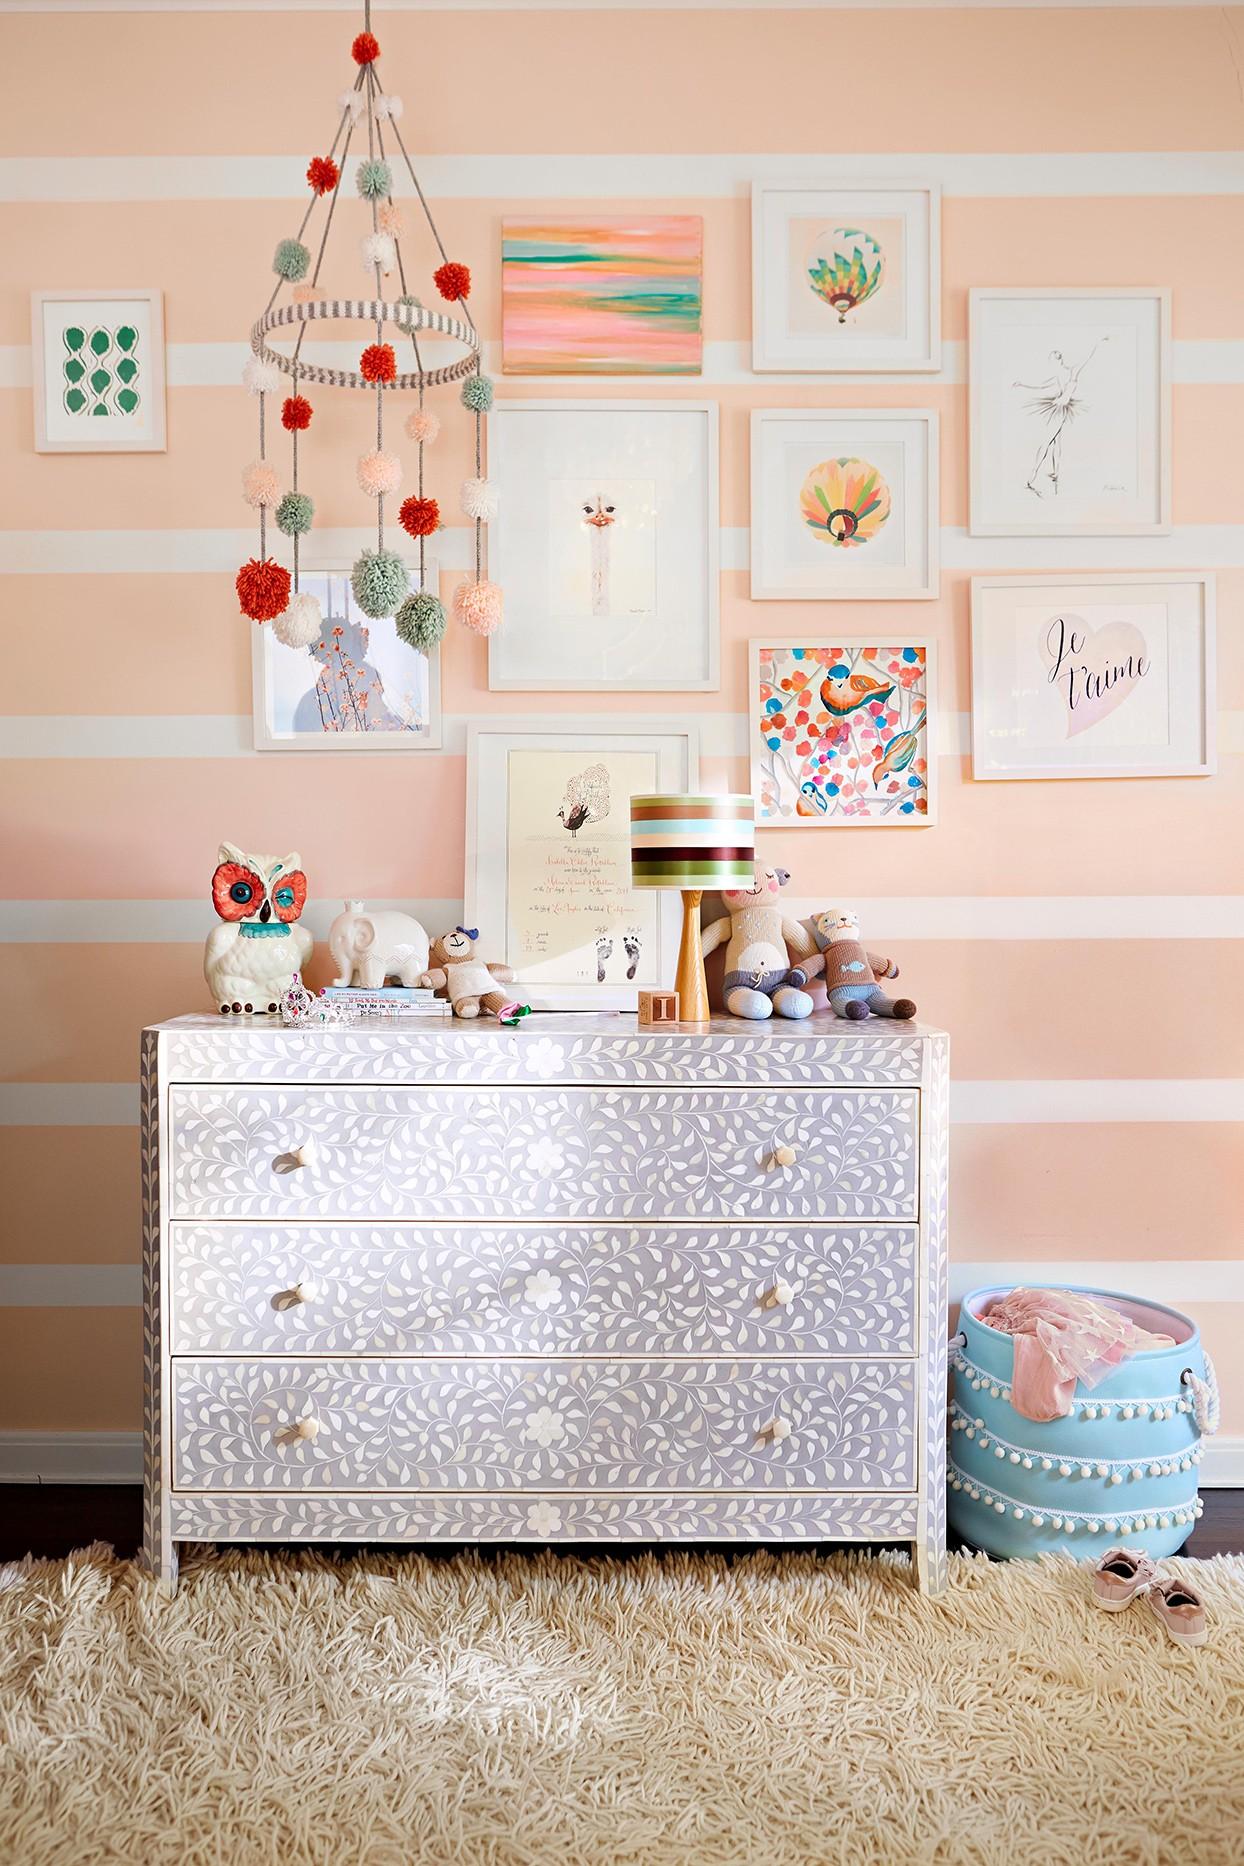 ألوان دهانات مناسبة لغرف أطفال بنات-غرفة سيمون